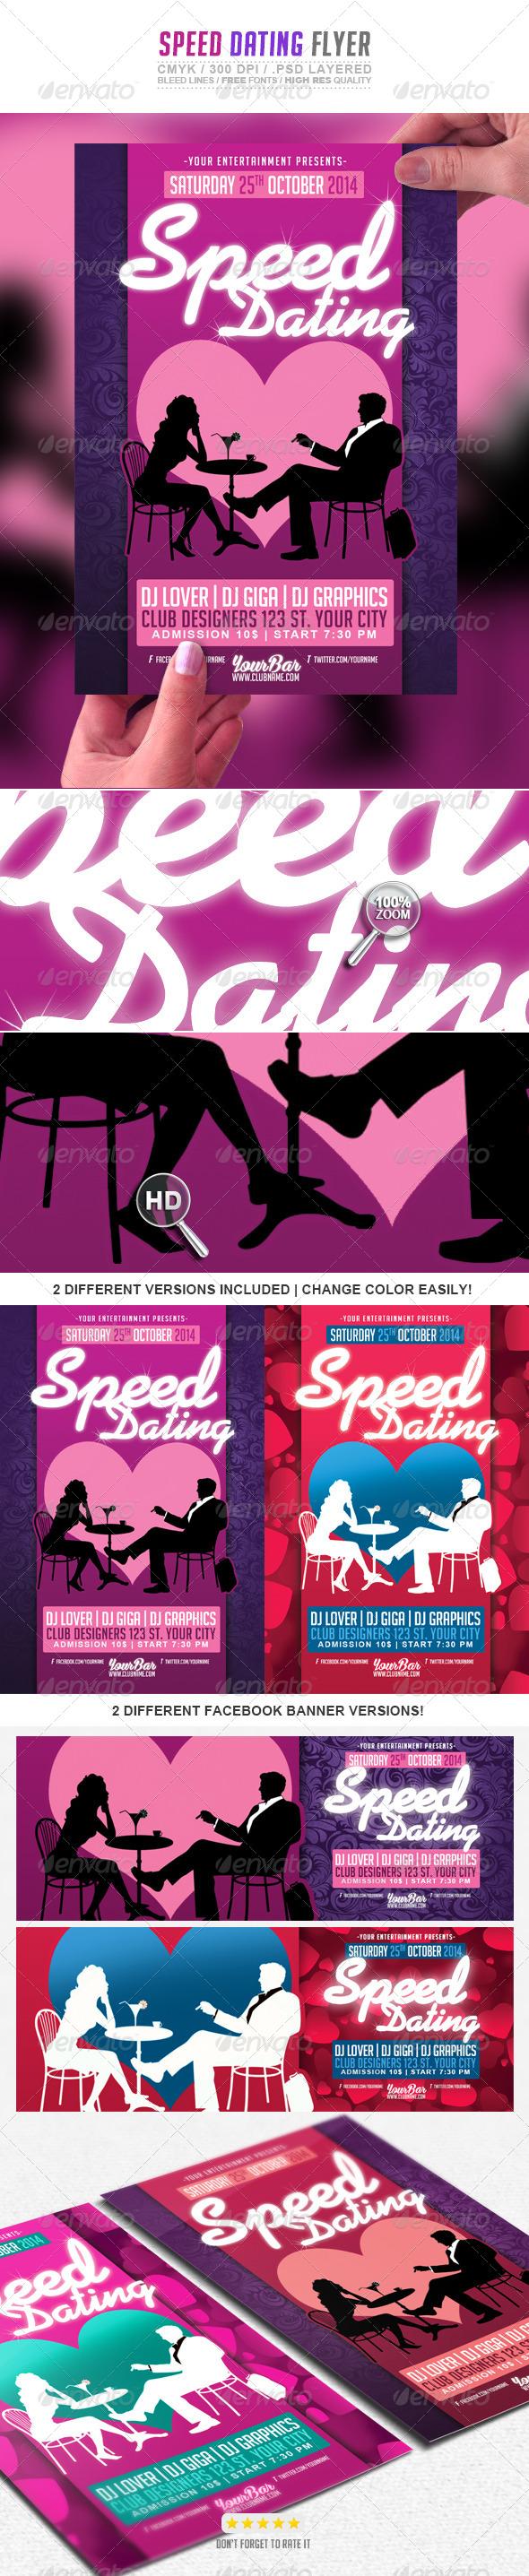 Business speed dating torino